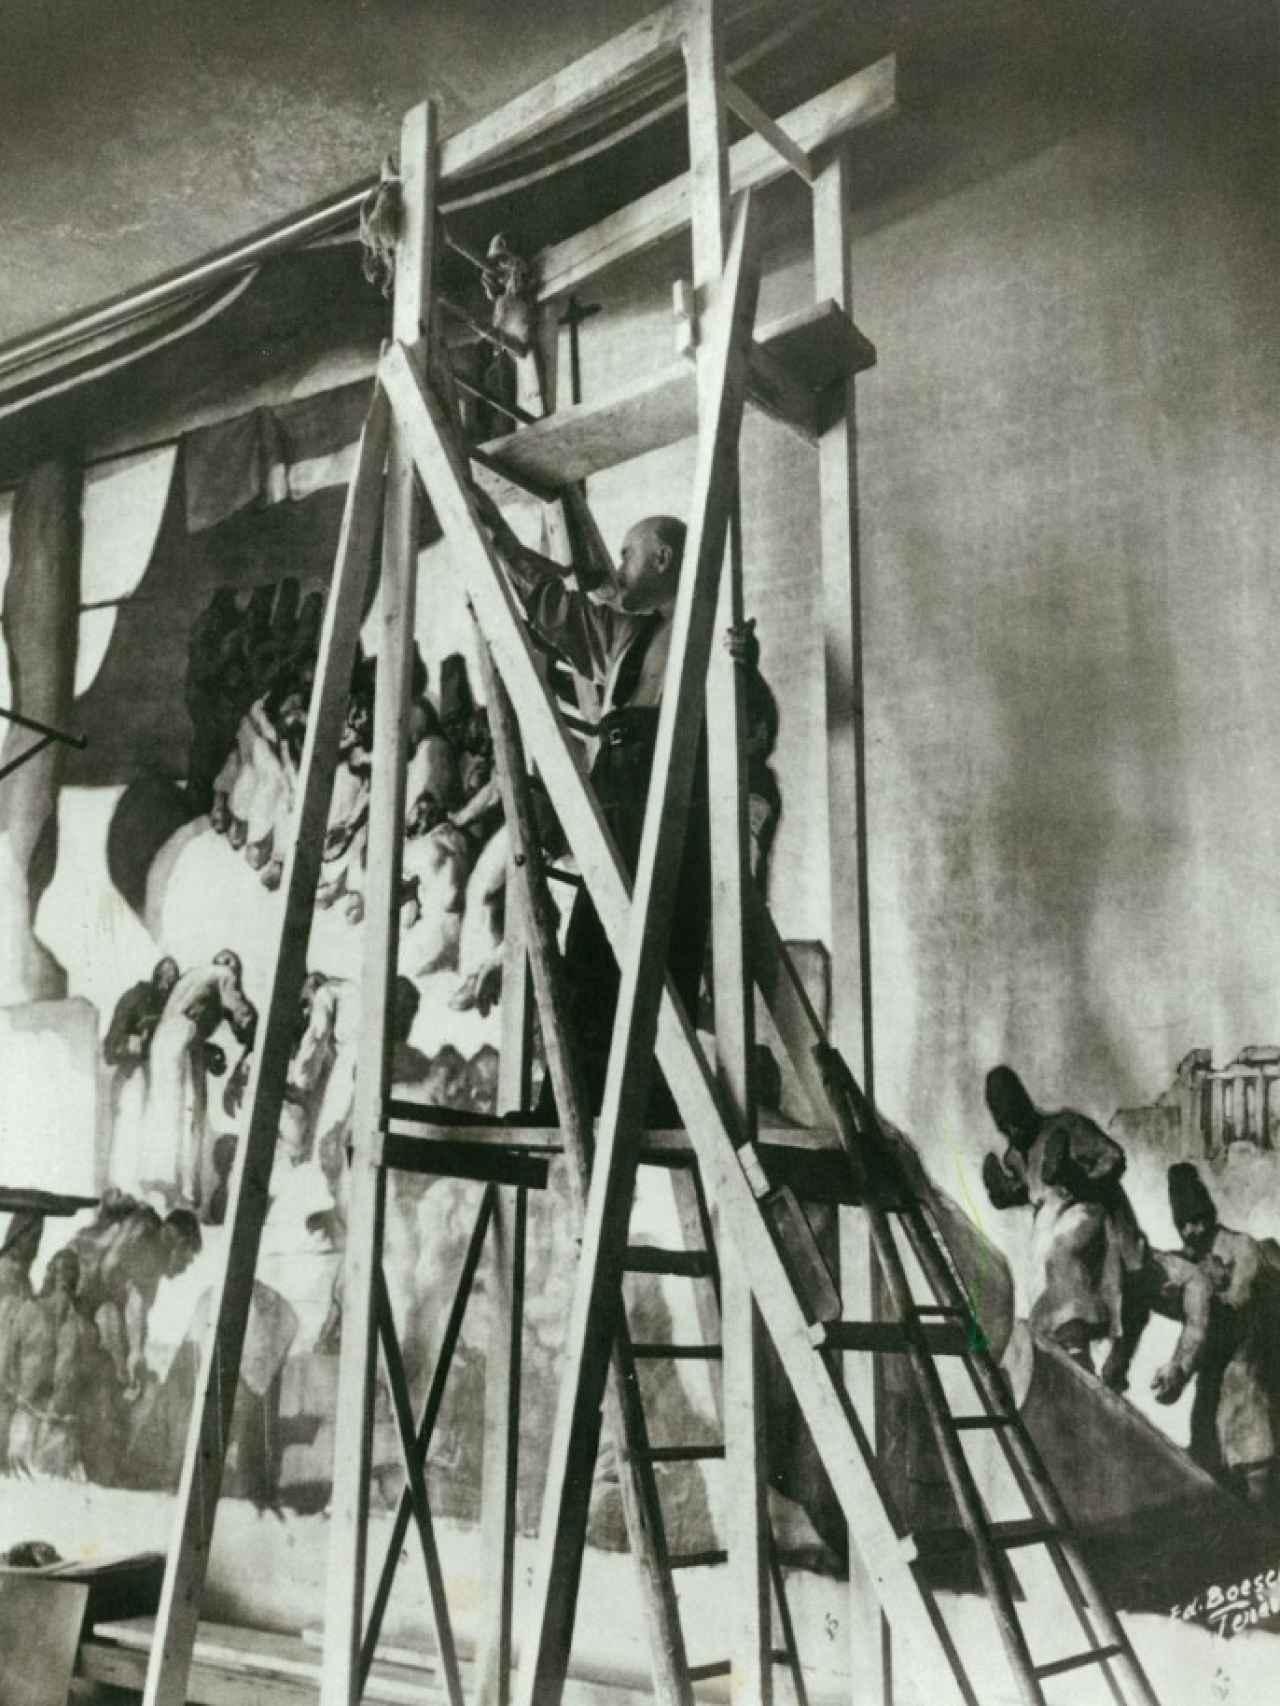 Josep María Sert en acción, pintando el encargo de las Naciones Unidas.